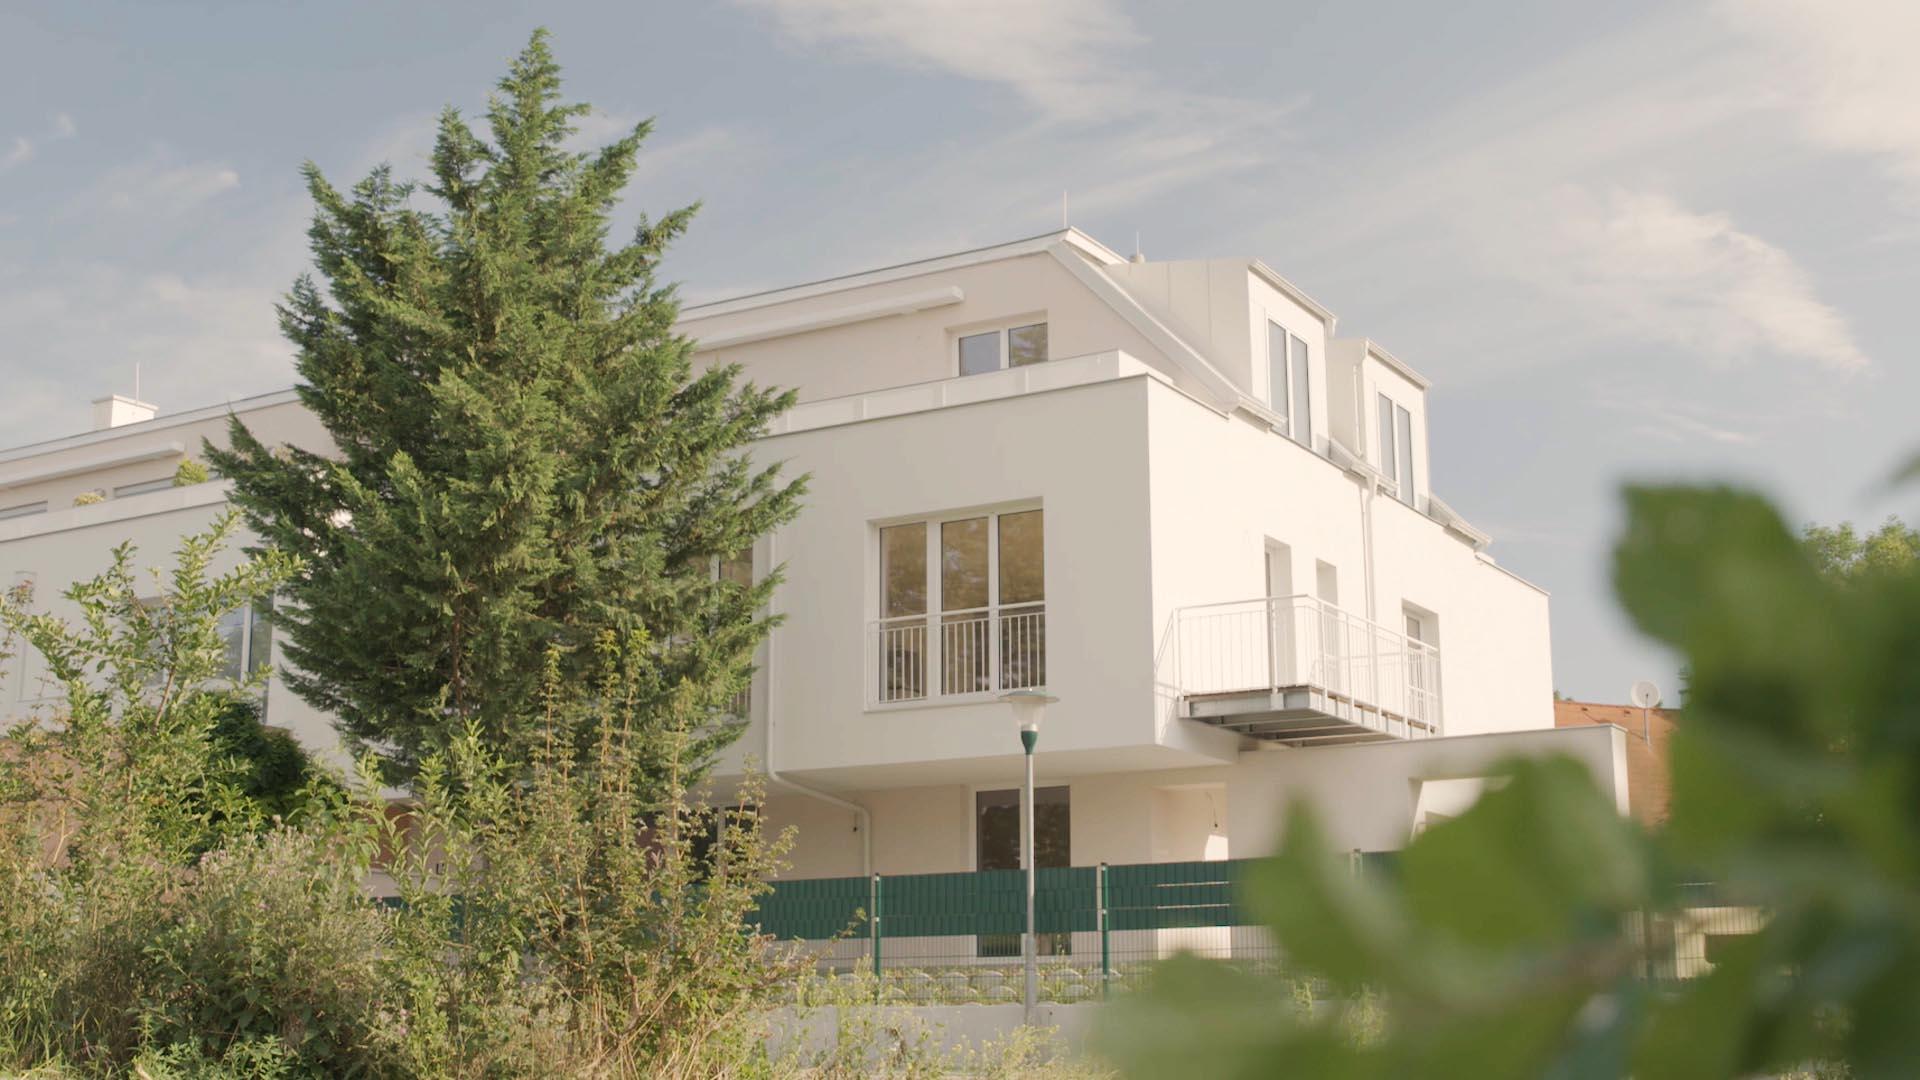 Flatshot Wohnbauprojekt Muenchendorf